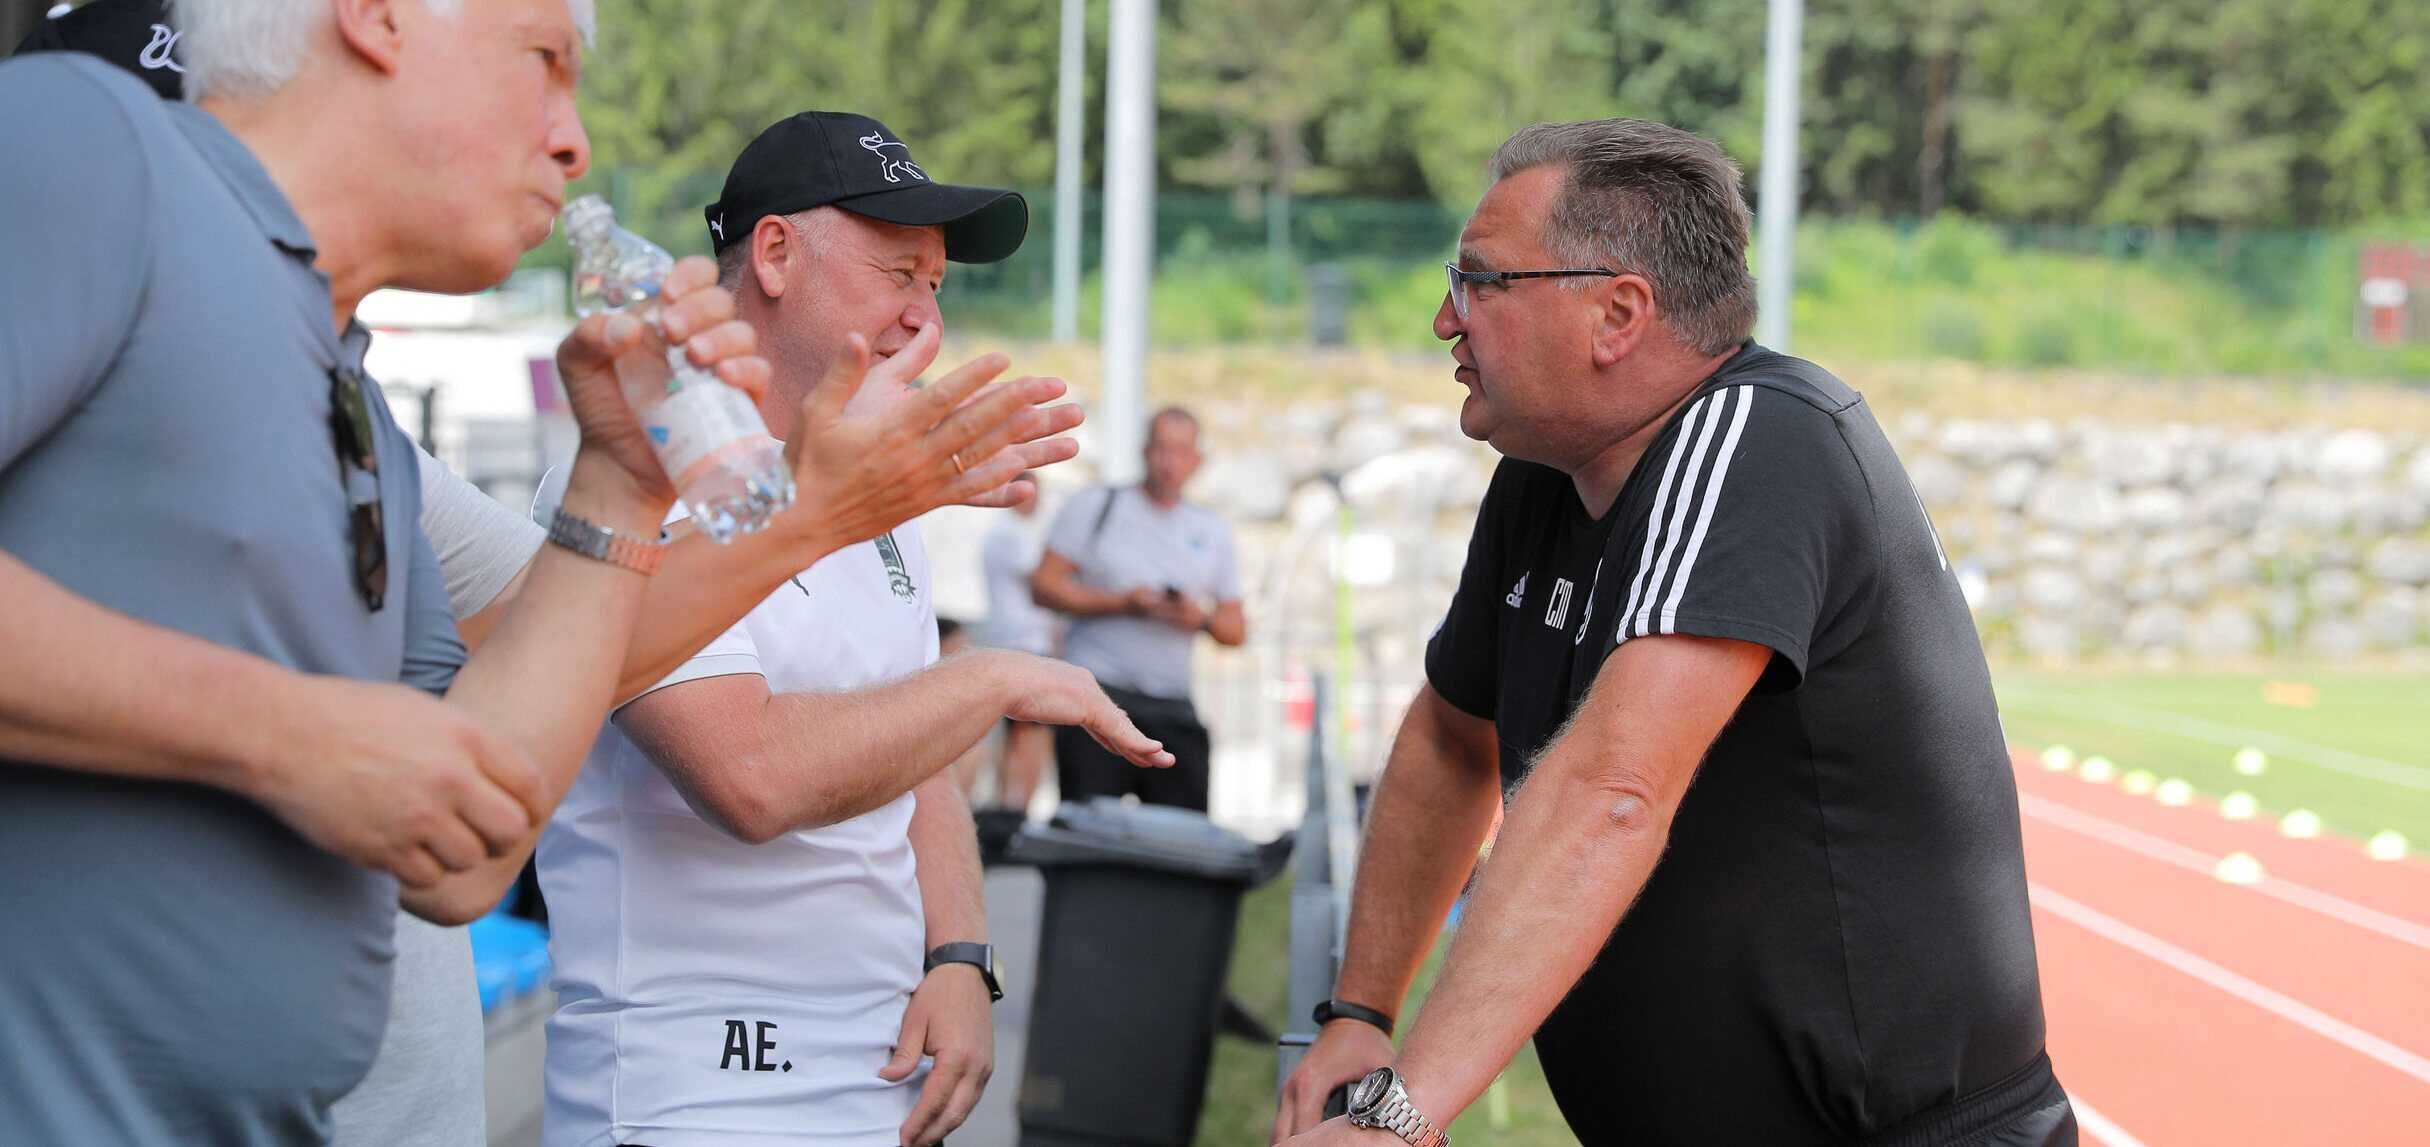 Trener Michniewicz po meczu z Krasnodarem: Widzę dużo pozytywów